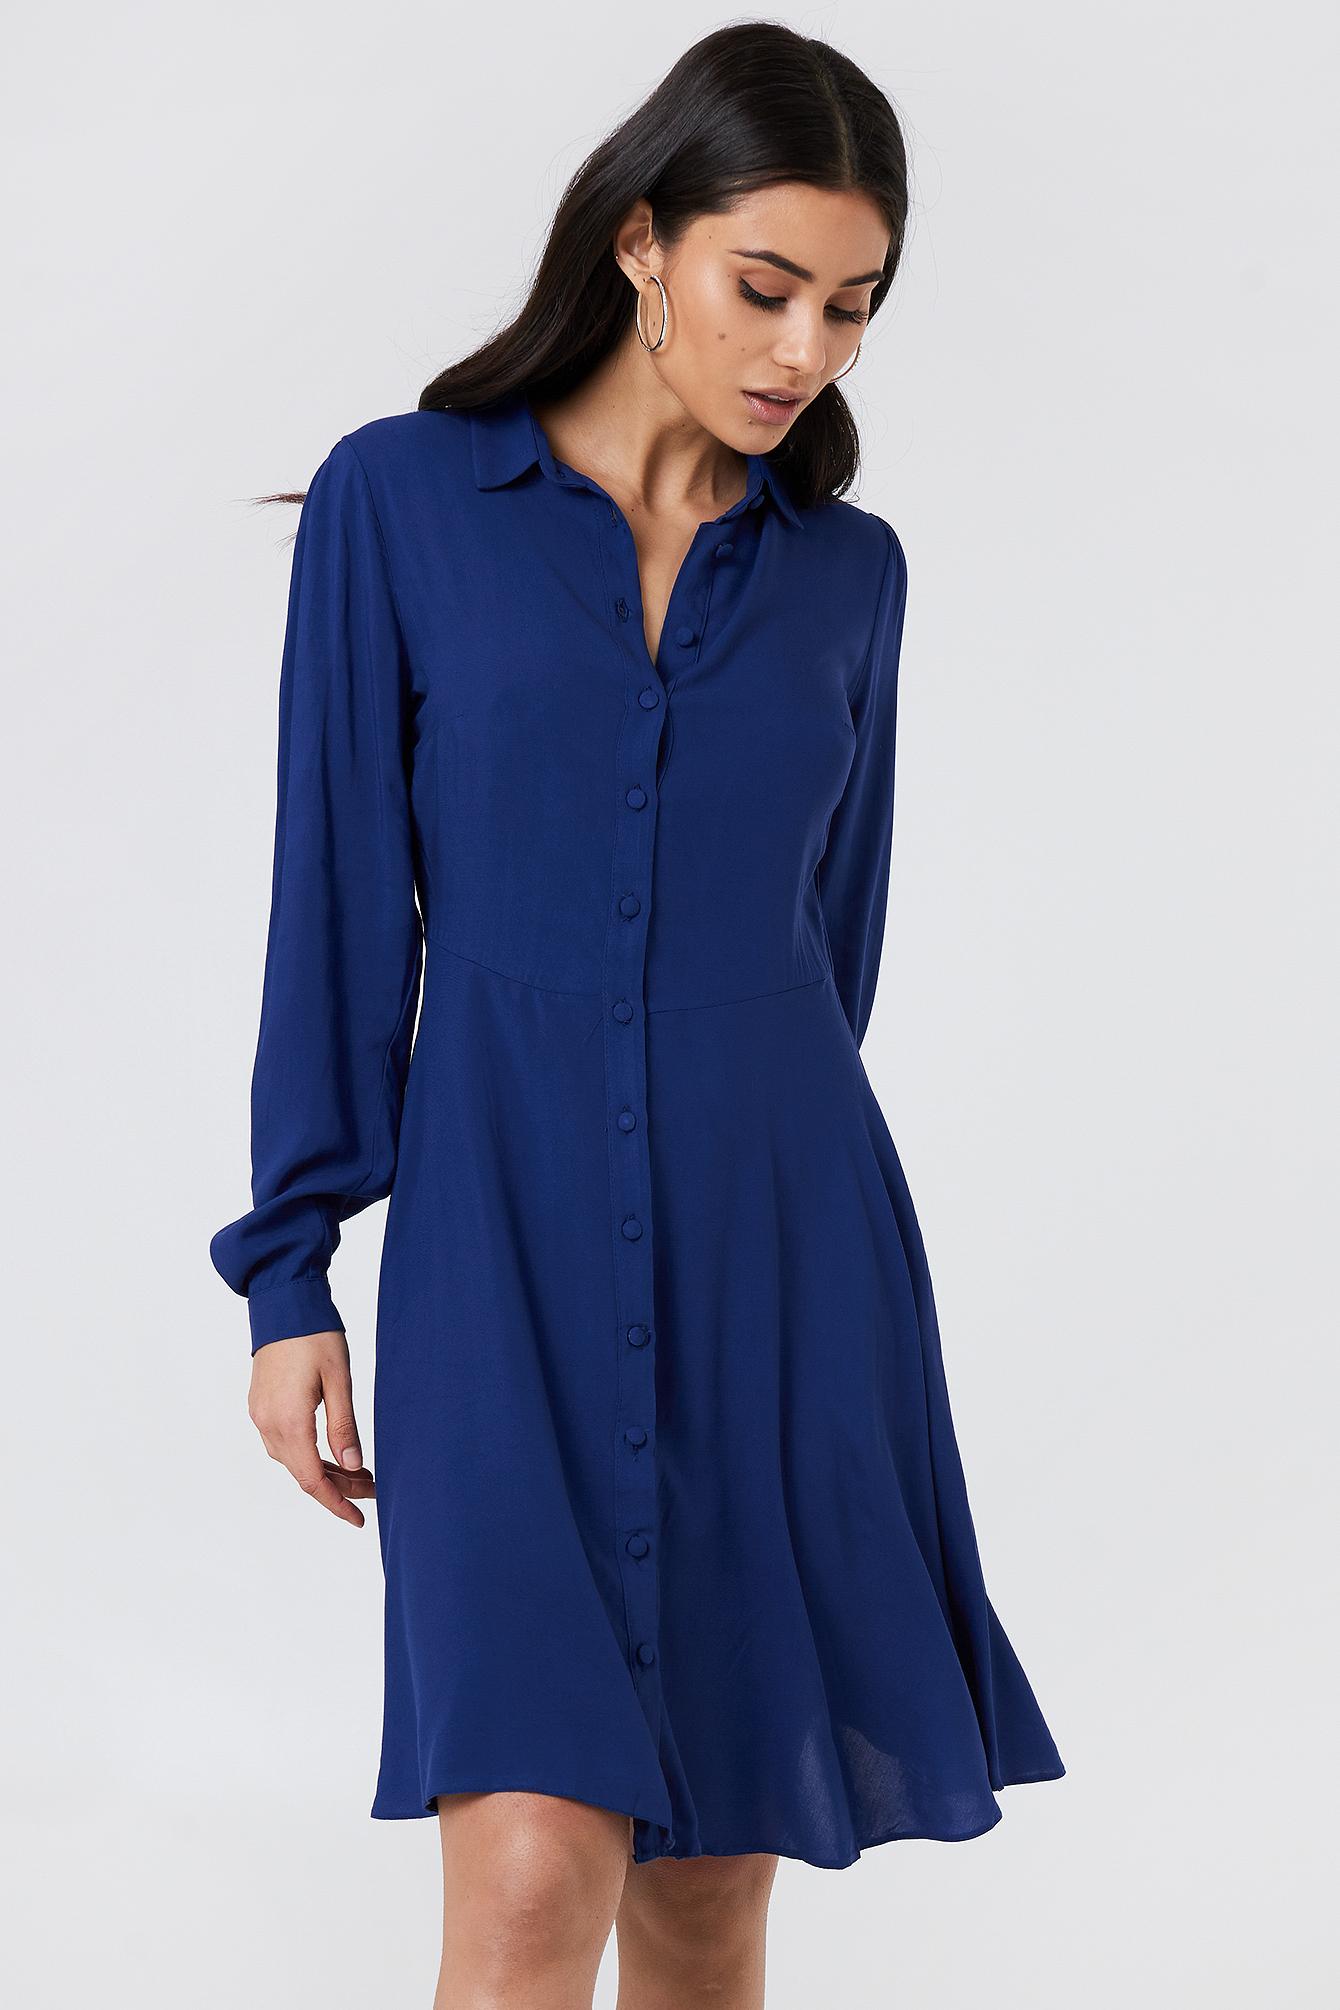 b12d1e4e3abf0 Long Sleeve Midi Dress